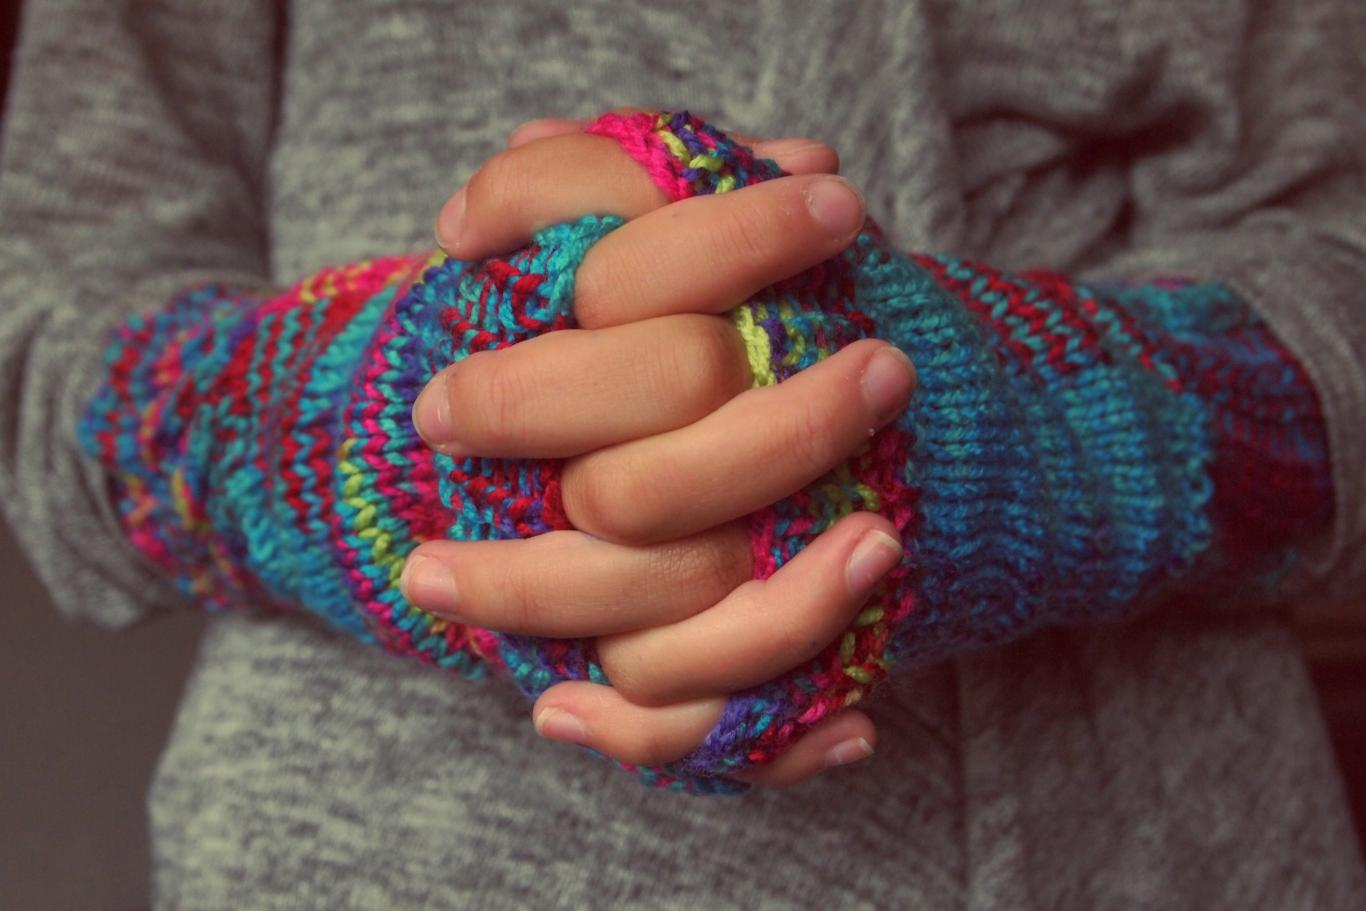 Manos entrelazadas con guantes de colores